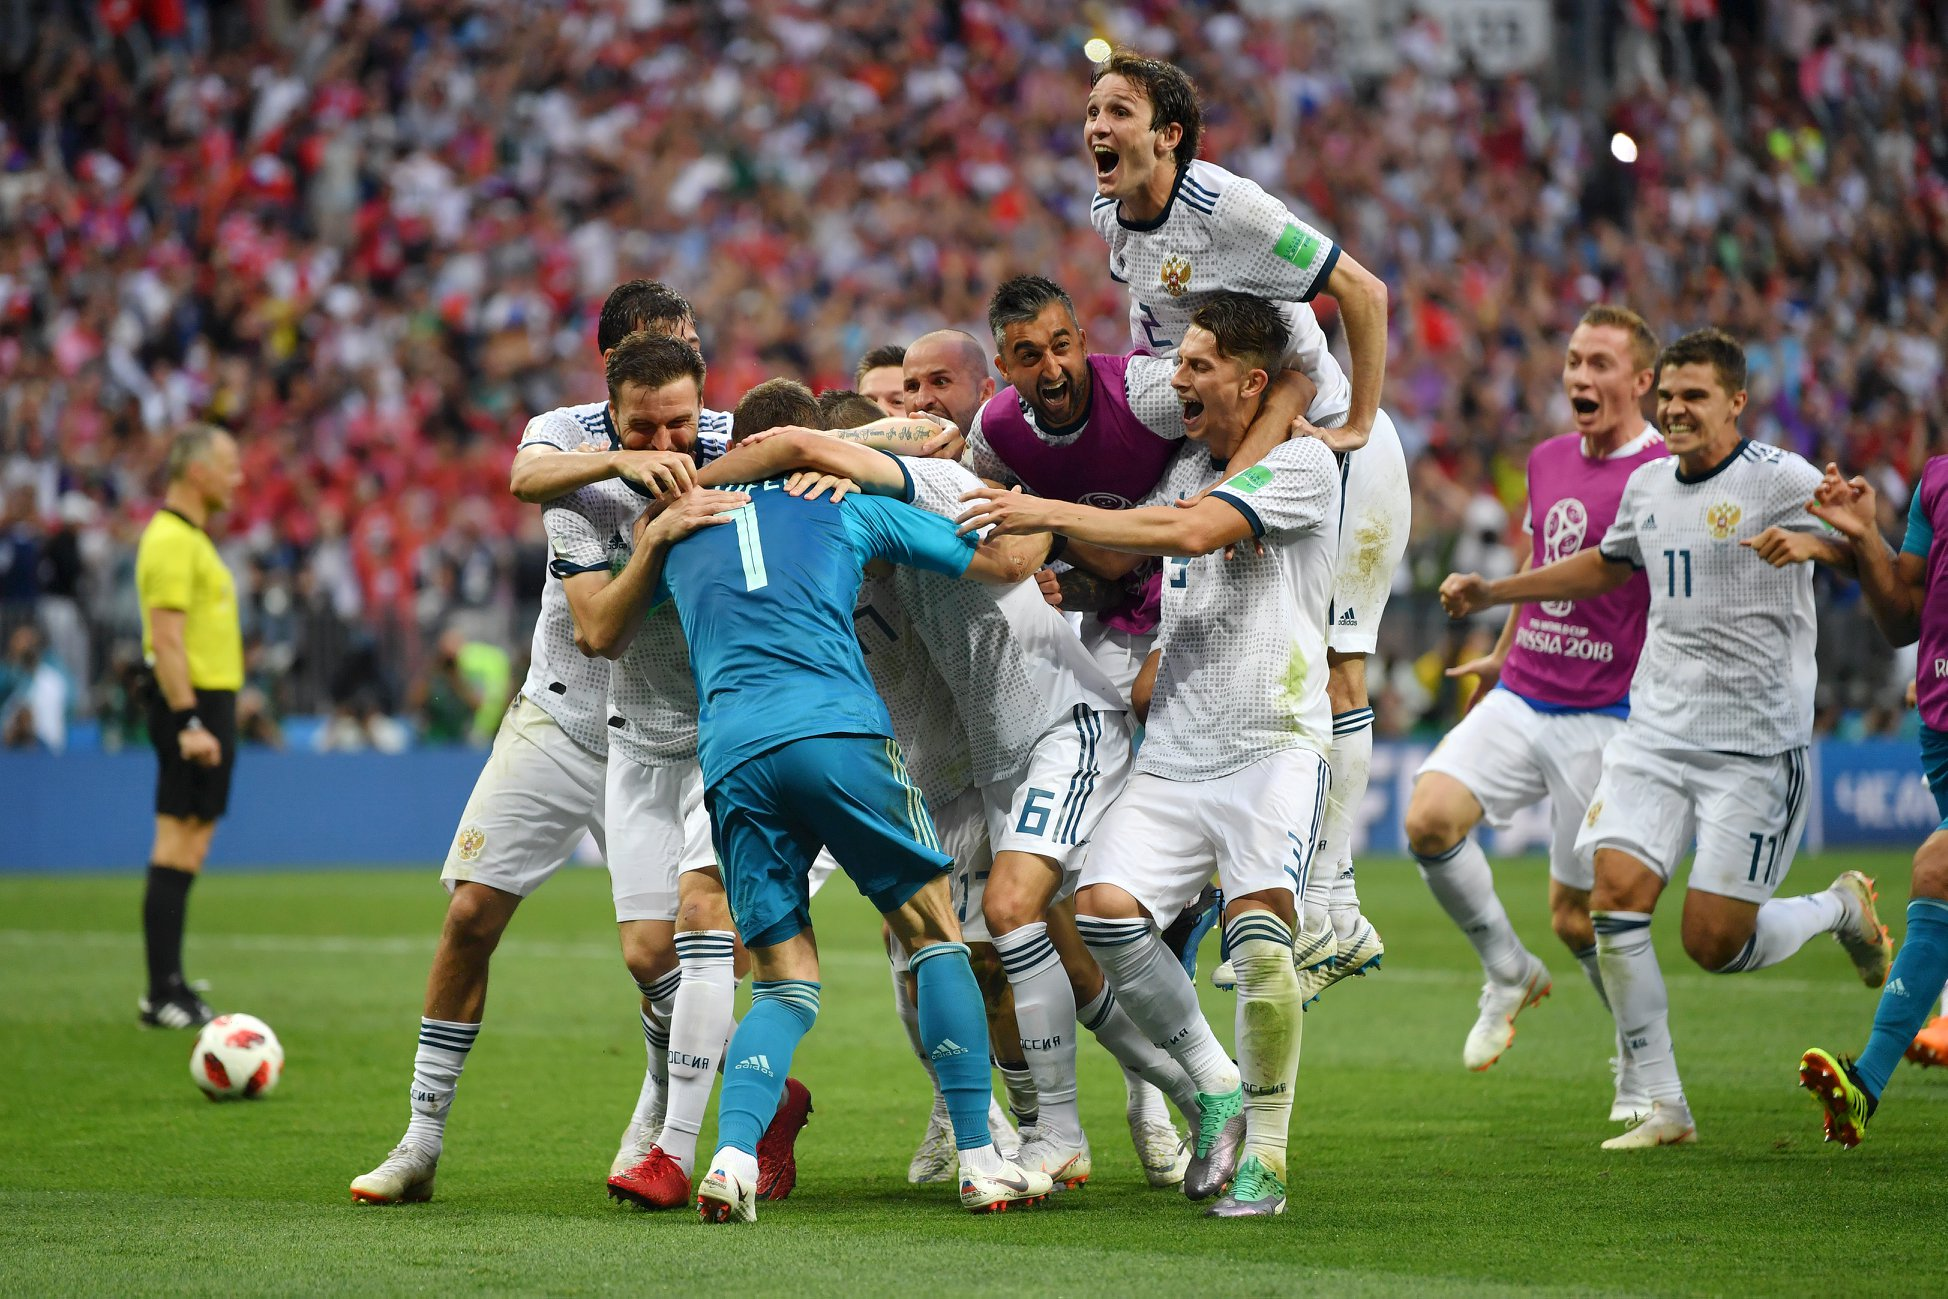 Os russos nem queriam acreditar que tinham eliminado a Espanha.